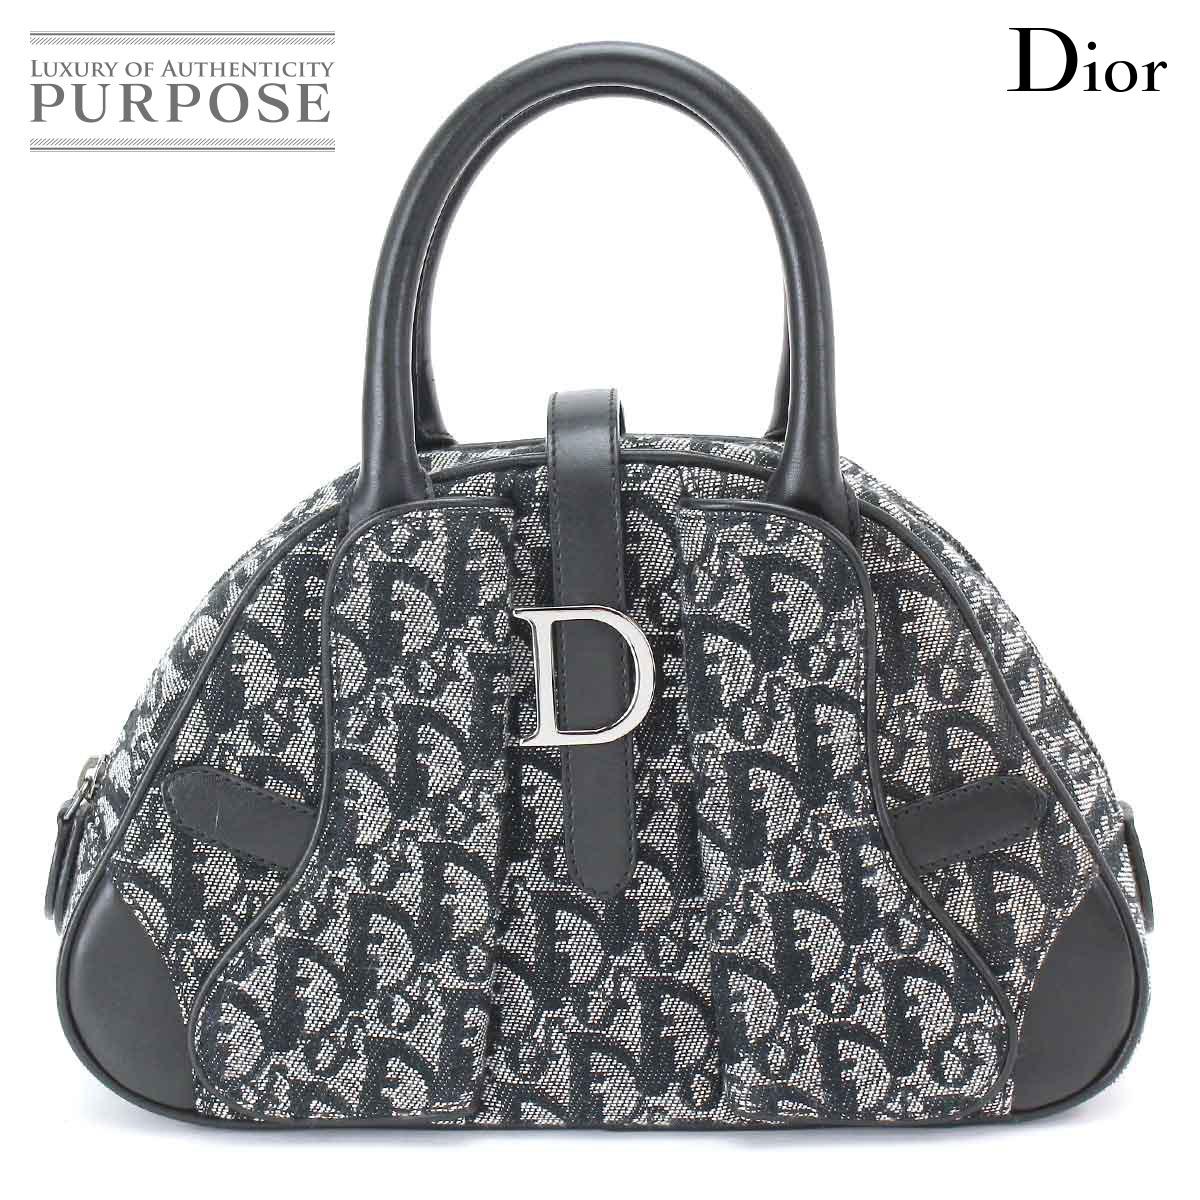 クリスチャン ディオール Christian Dior トロッター ハンド バッグ キャンバス レザー ブラック PZ1012 【中古】